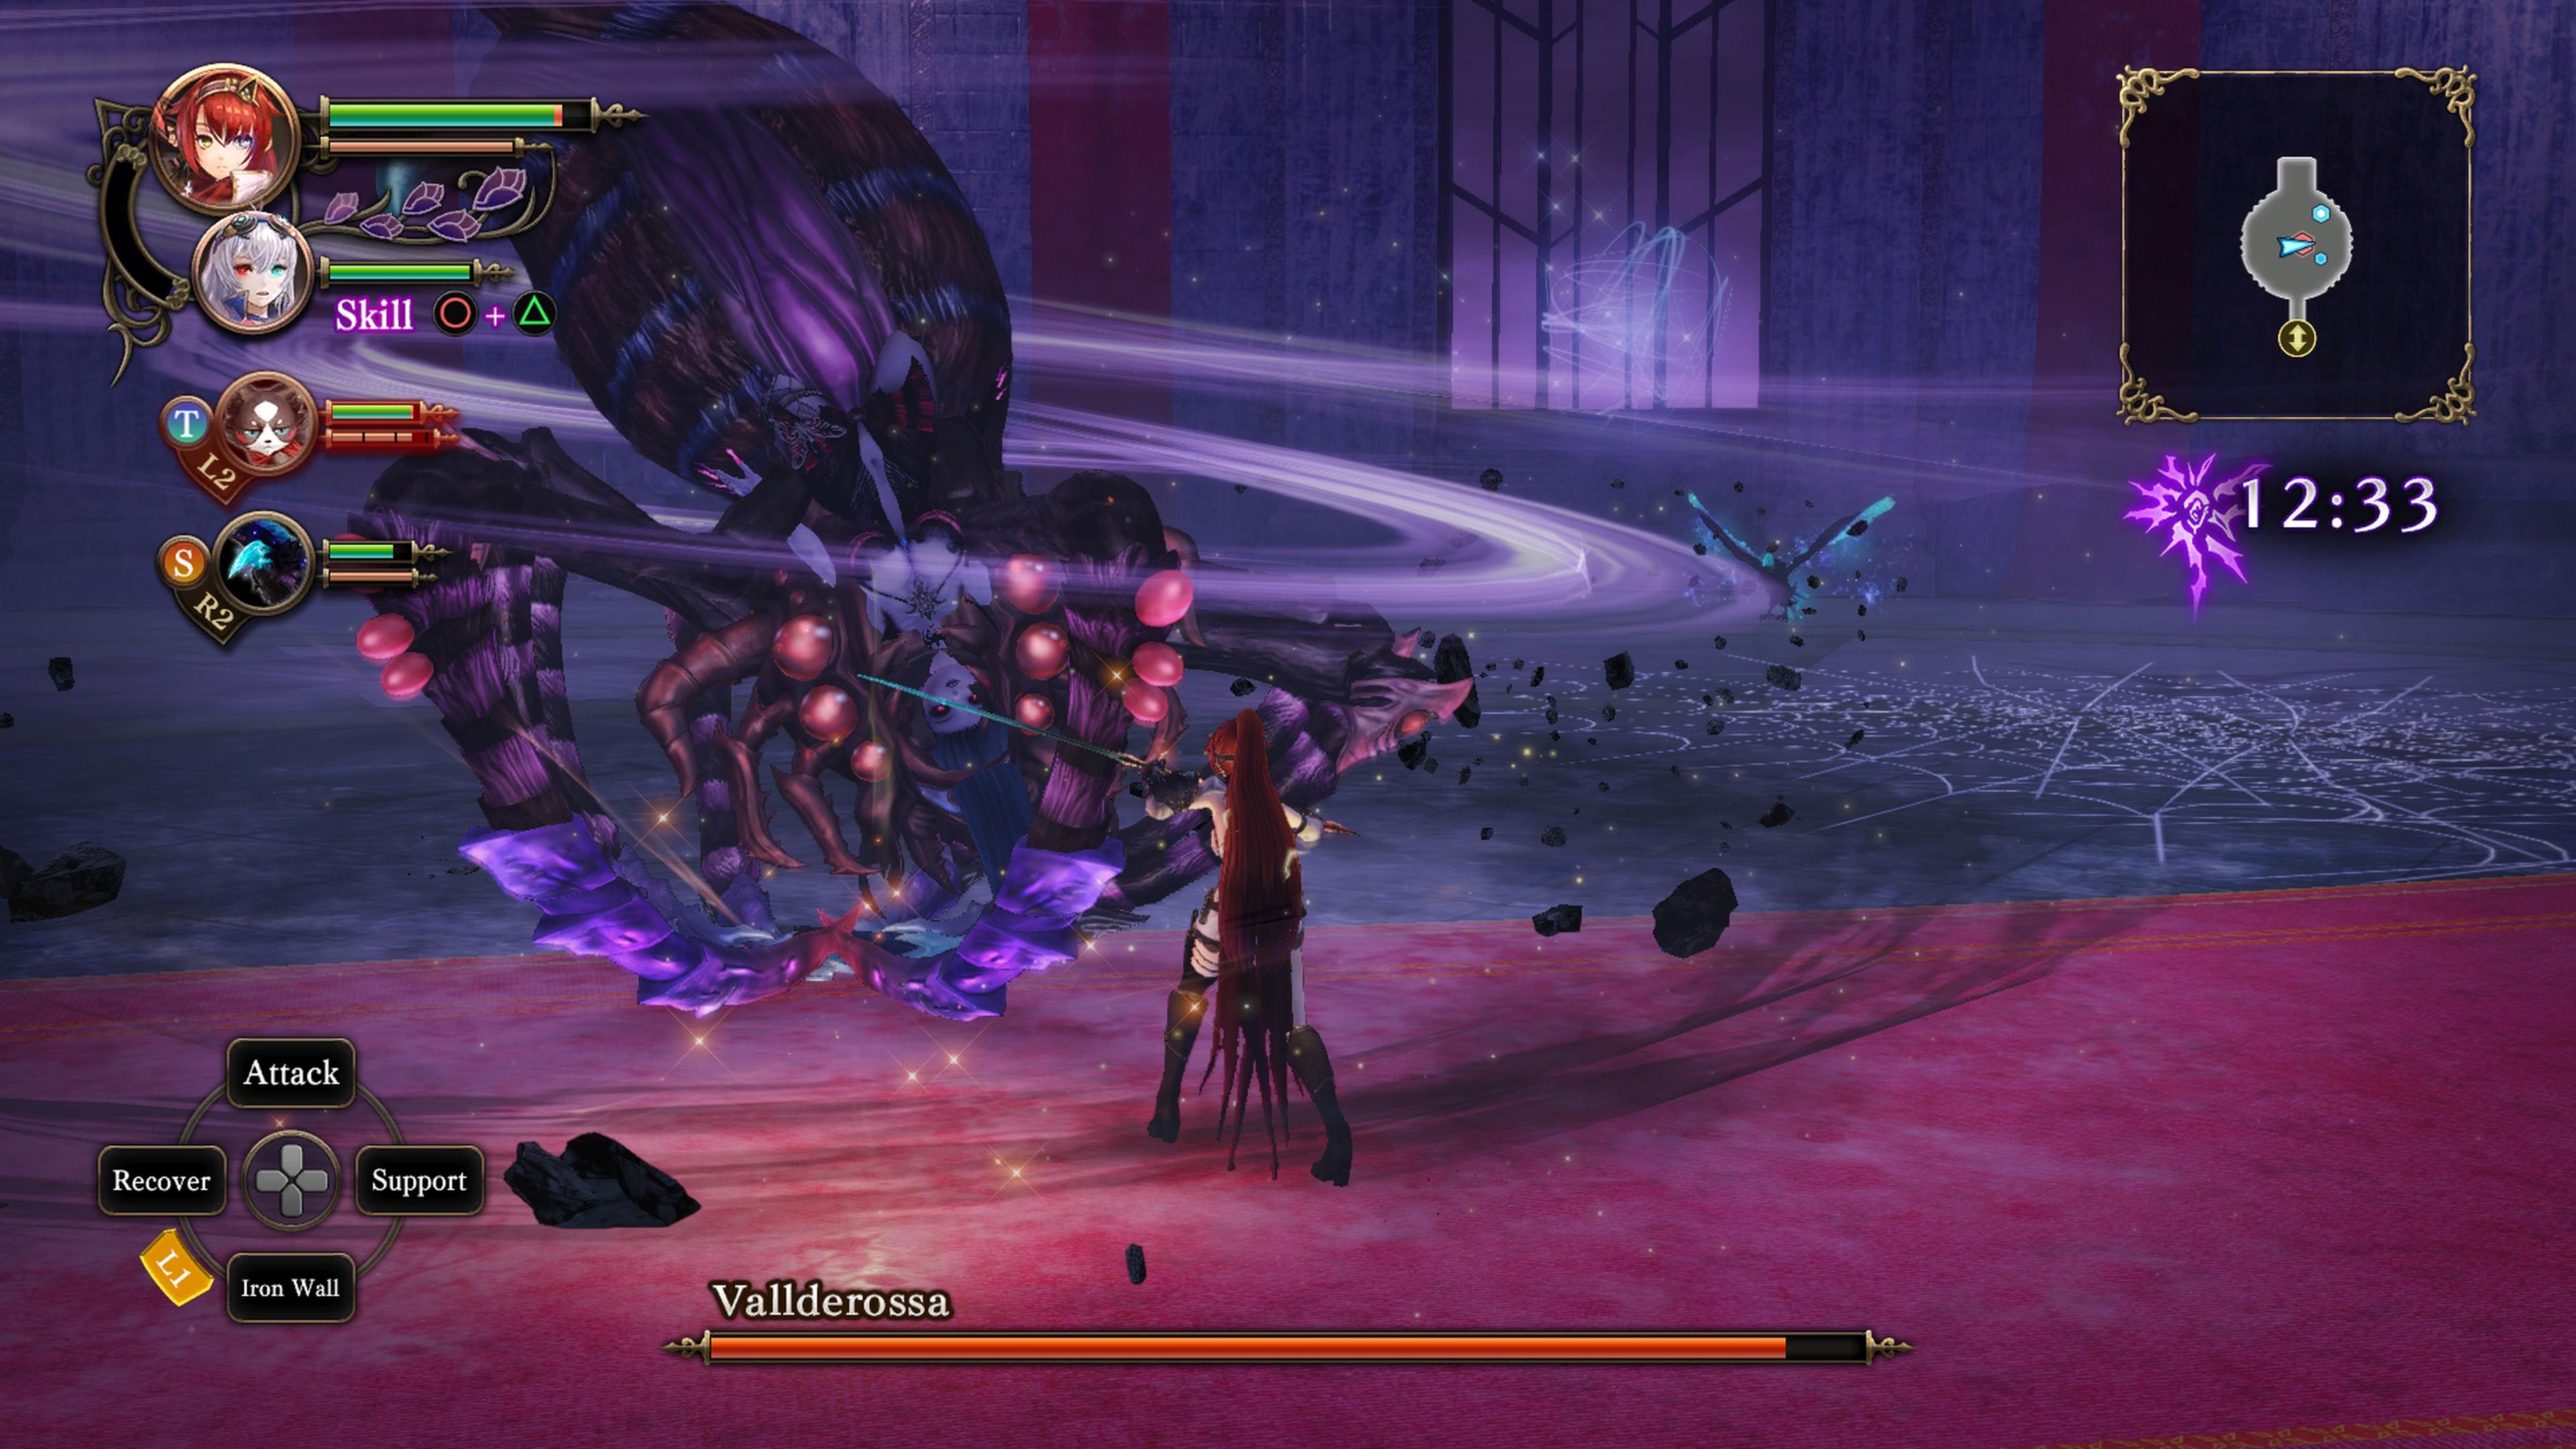 Detaily bojového sytému Nights of Azure 2 a bonusy po vydání 149840